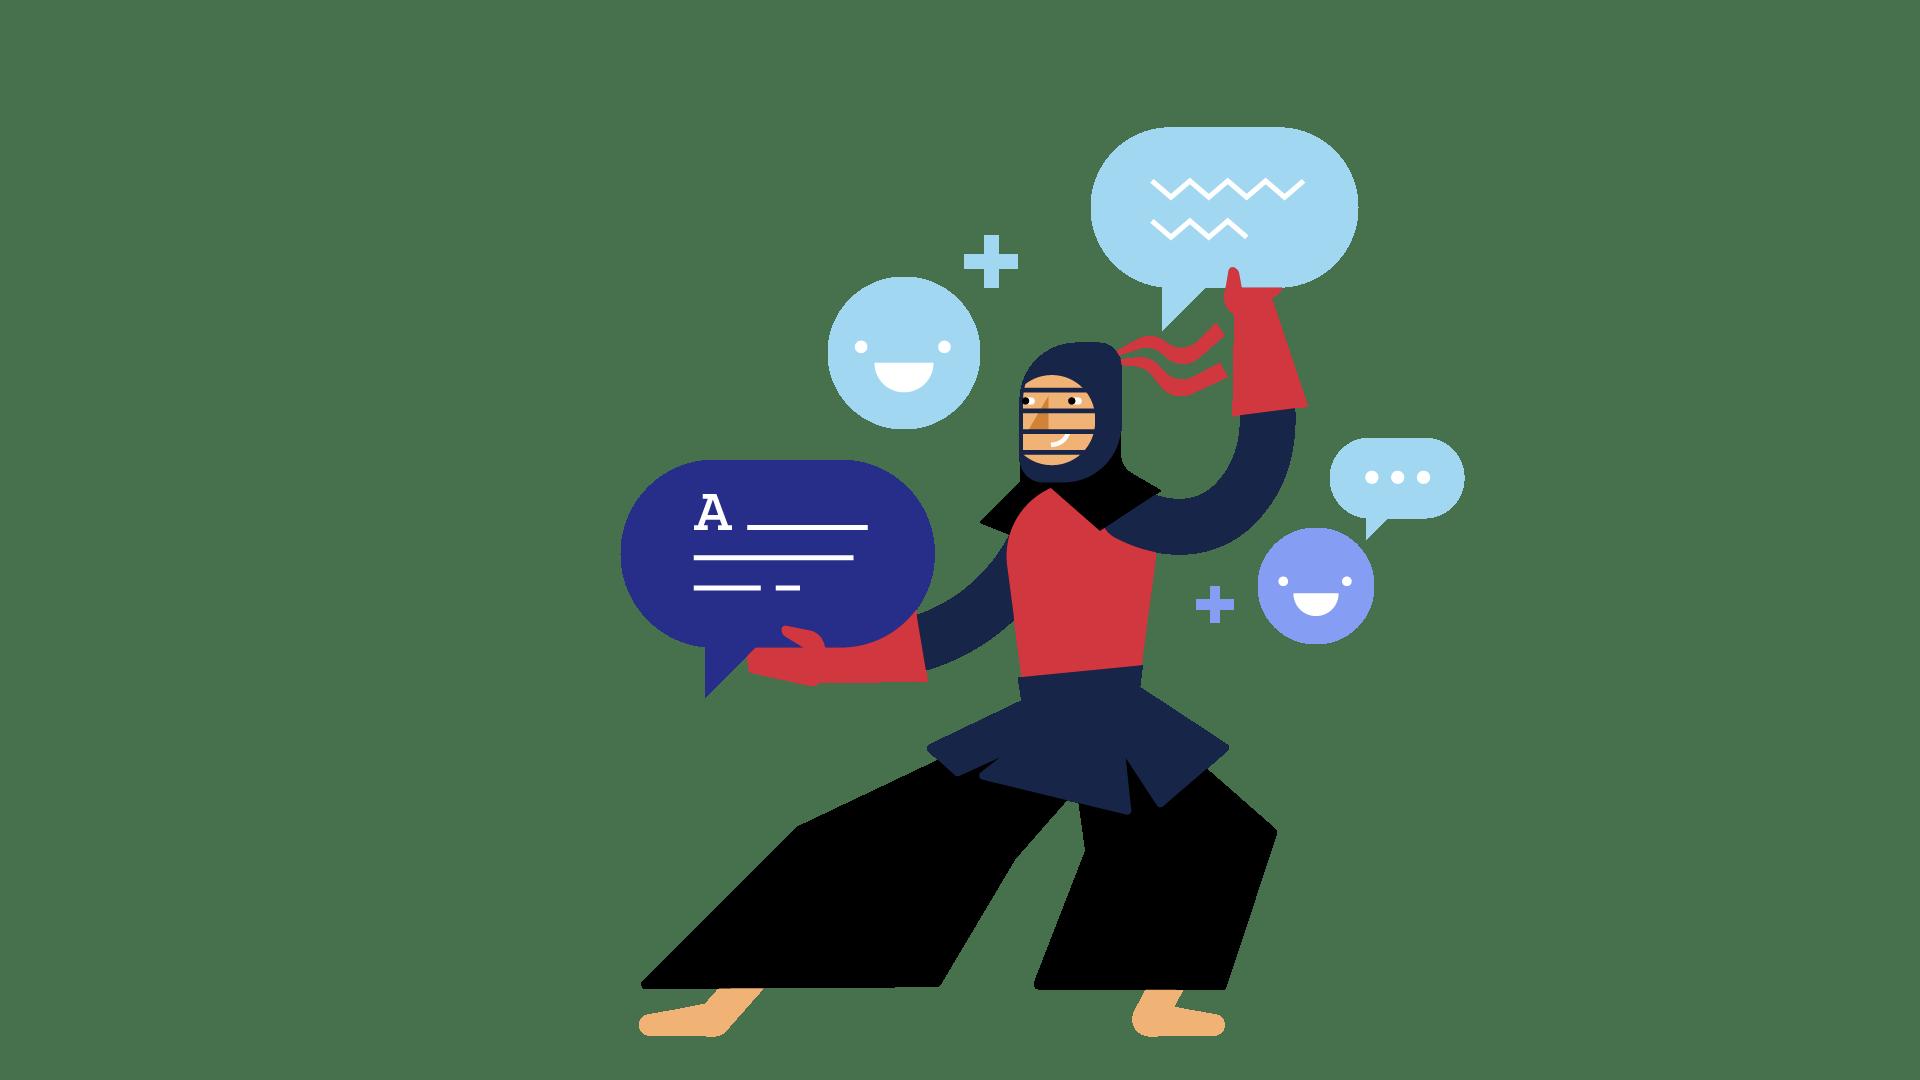 Kendo UI for Angular—Feedback Always Welcome!